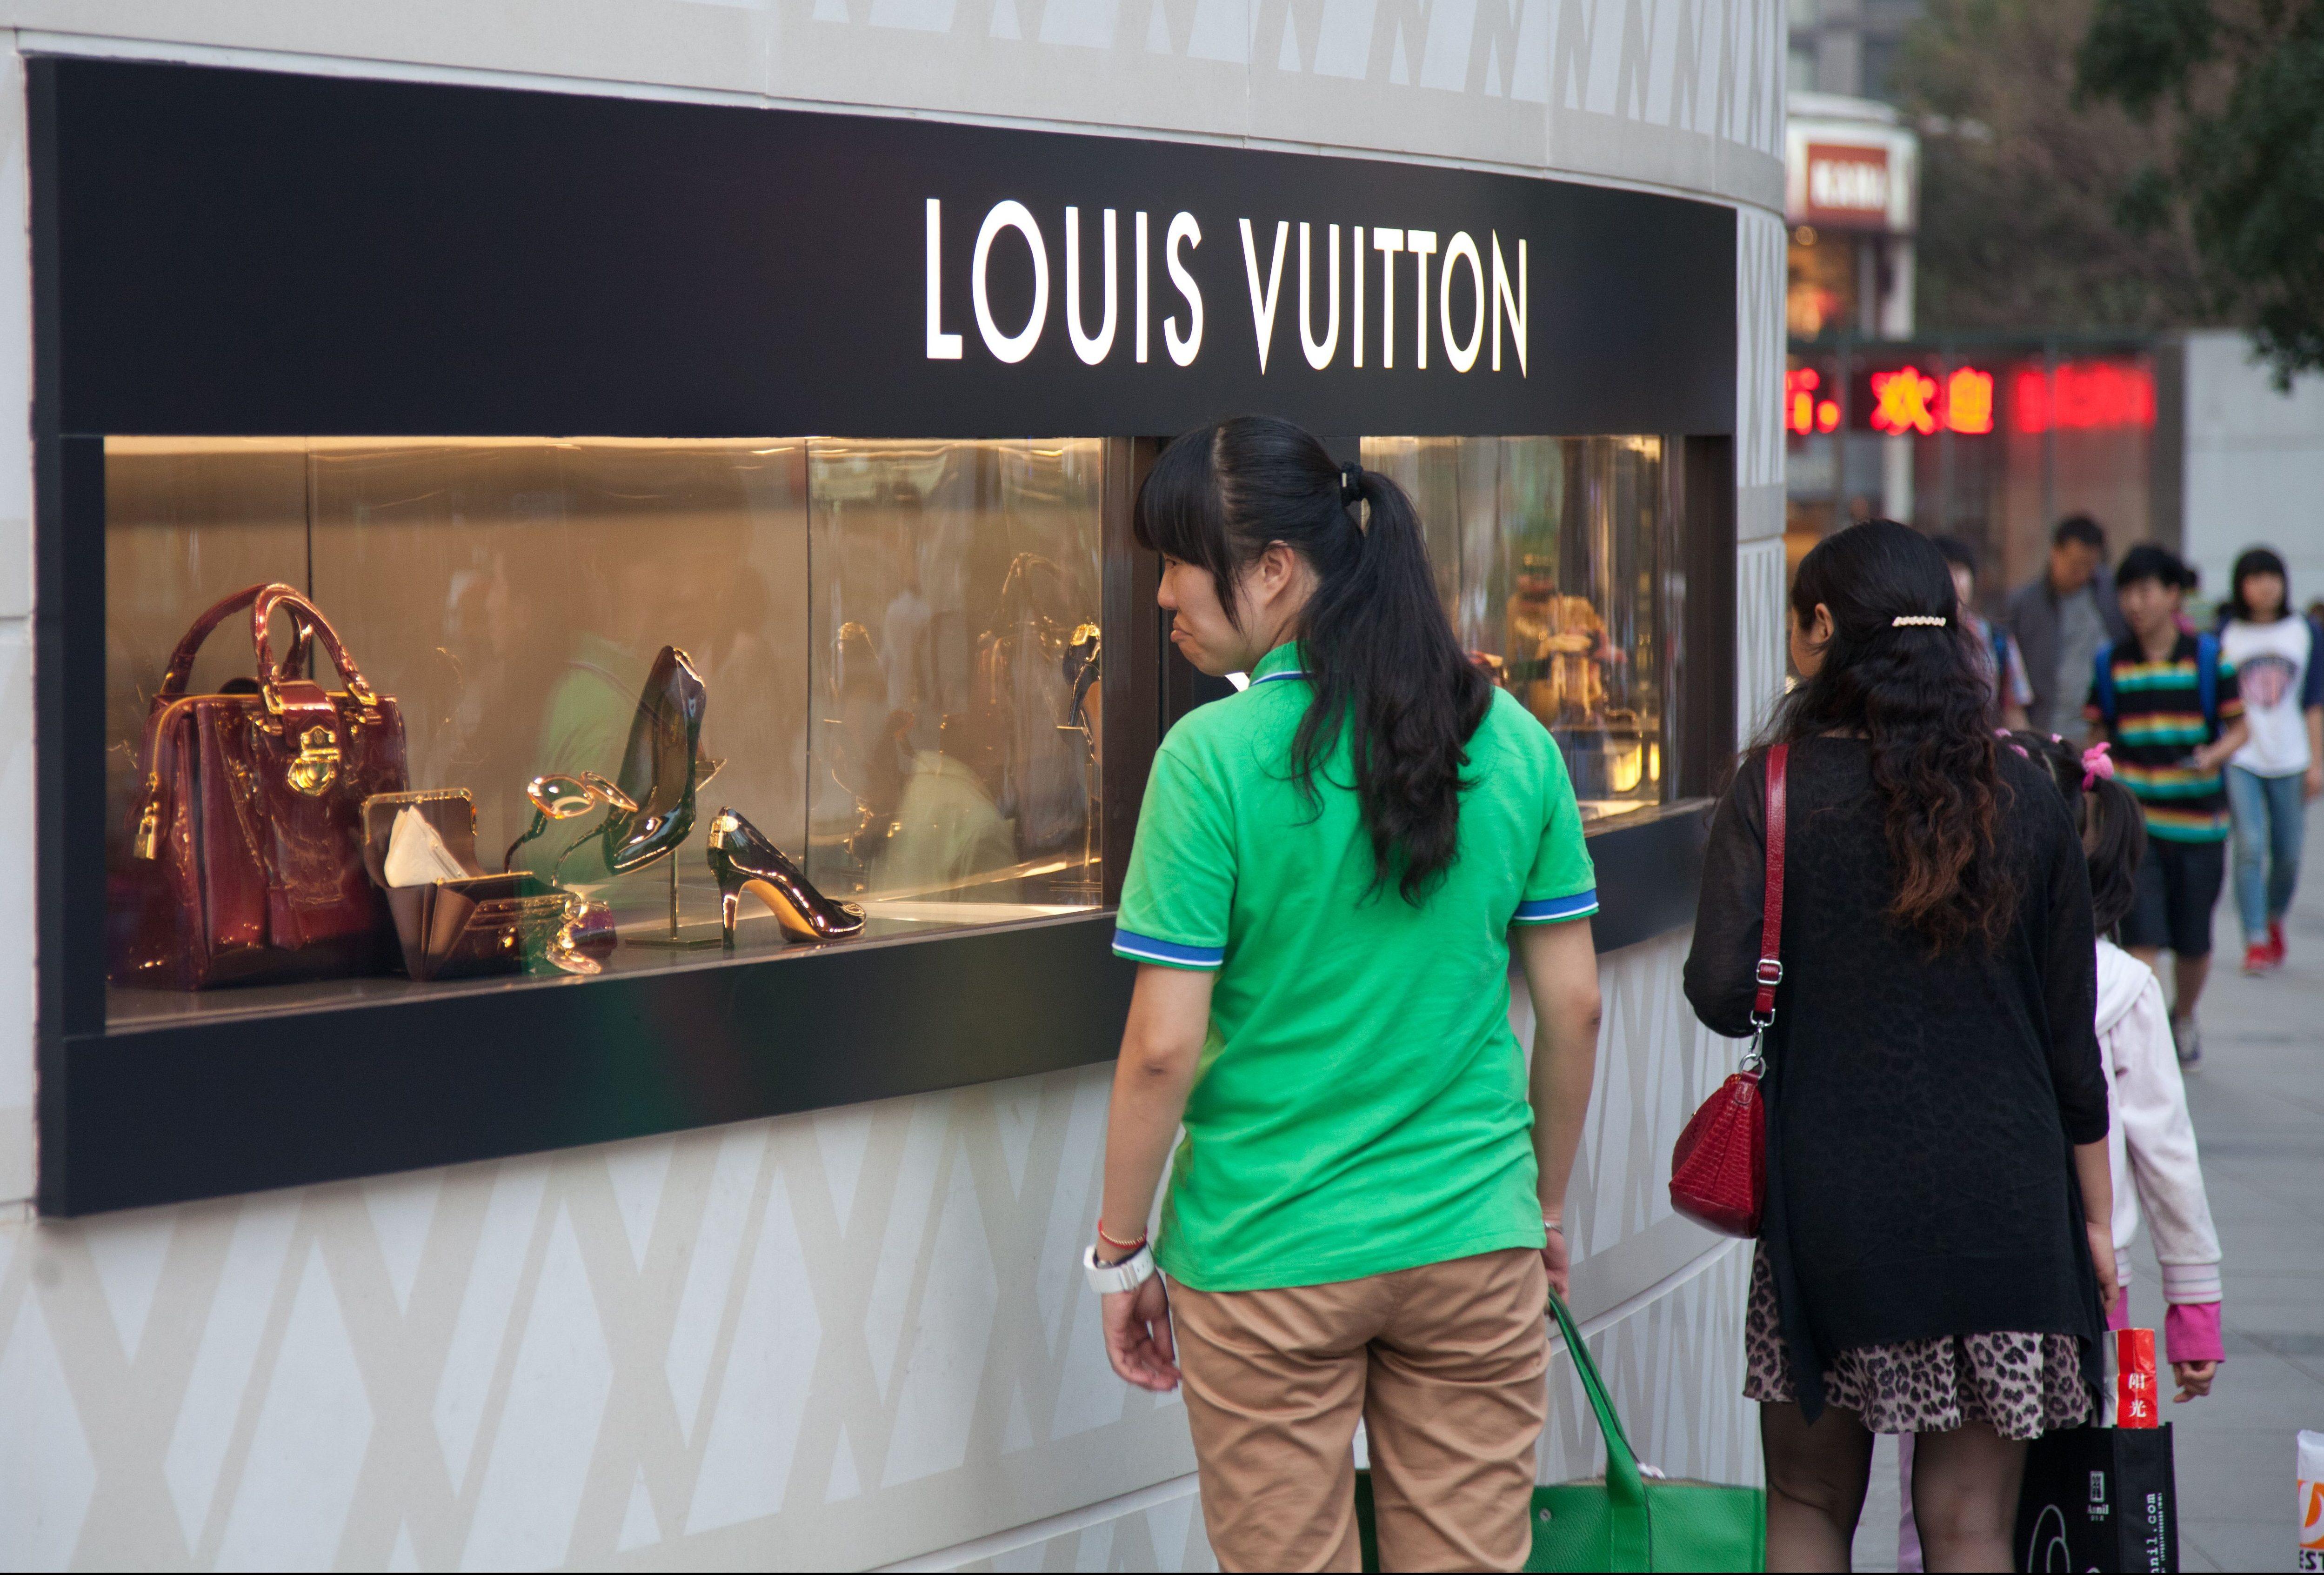 A Louis Vuitton store in Chongqing, China.